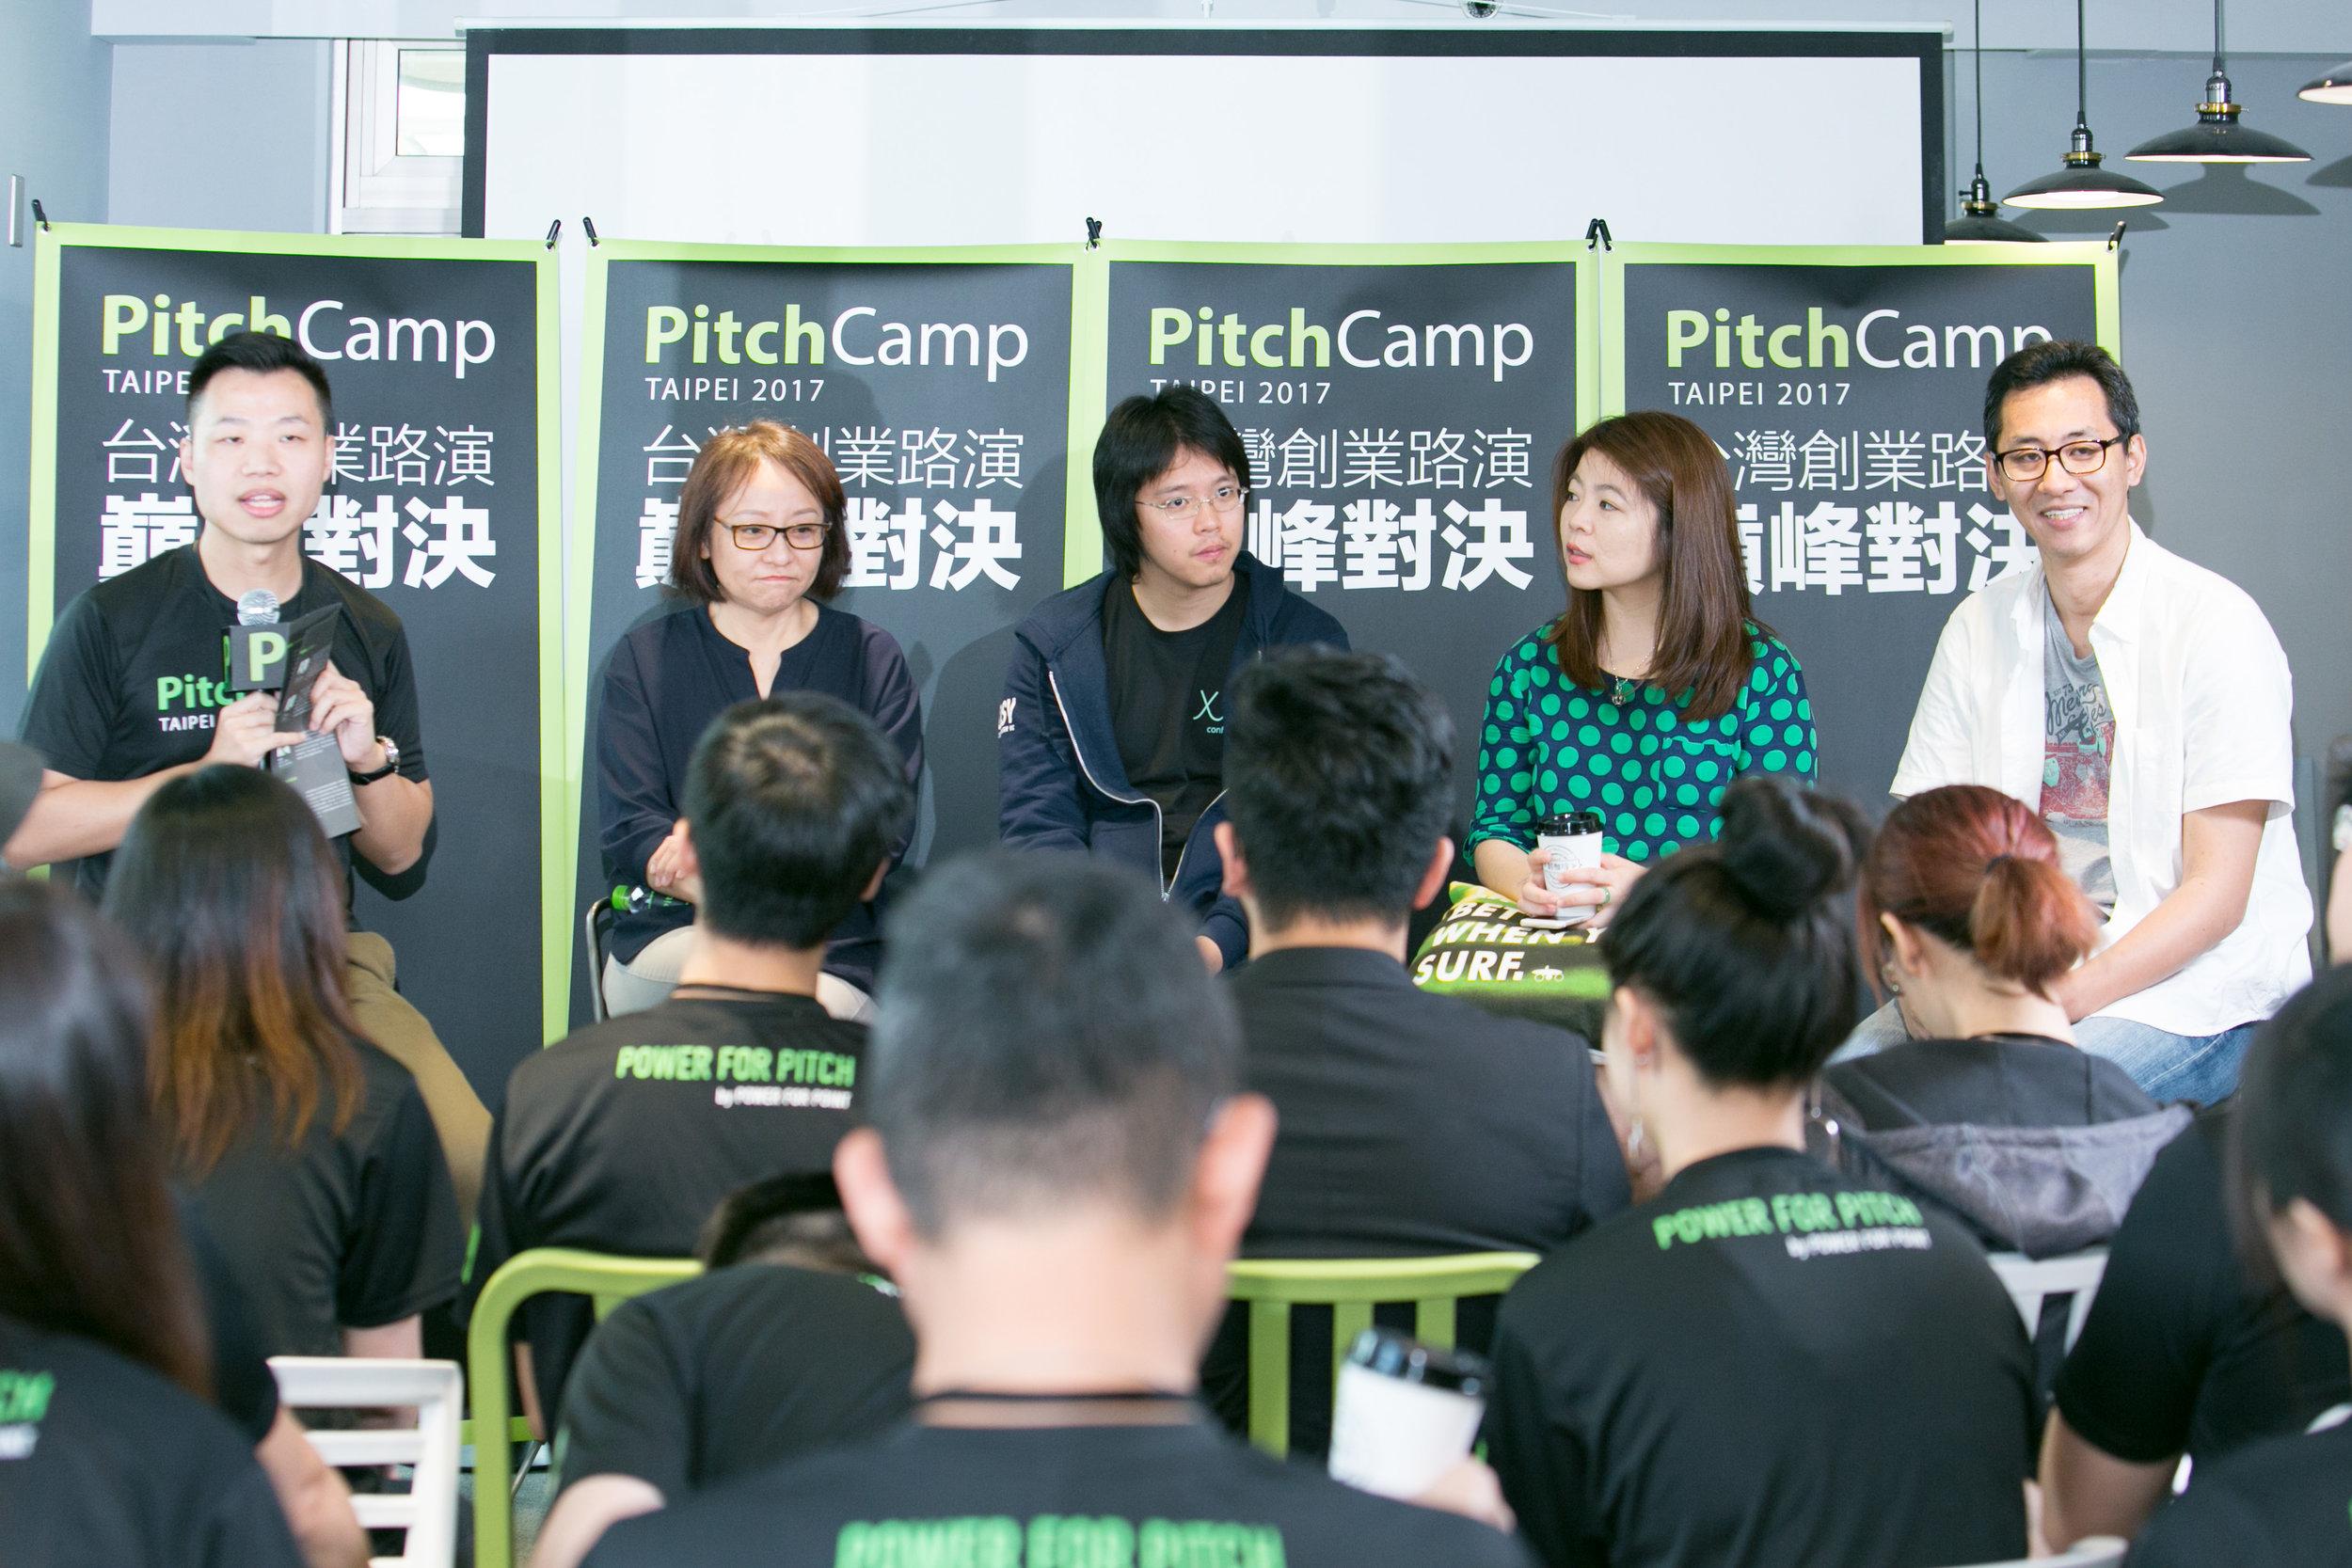 閱聽人沙龍 - 邀請政府、投資人、加速器及媒體代表等,分別談談心中的 Pitch 樣貌為何,讓新創公司理解「 一票玩到底 」的簡報無法達成商業目的。